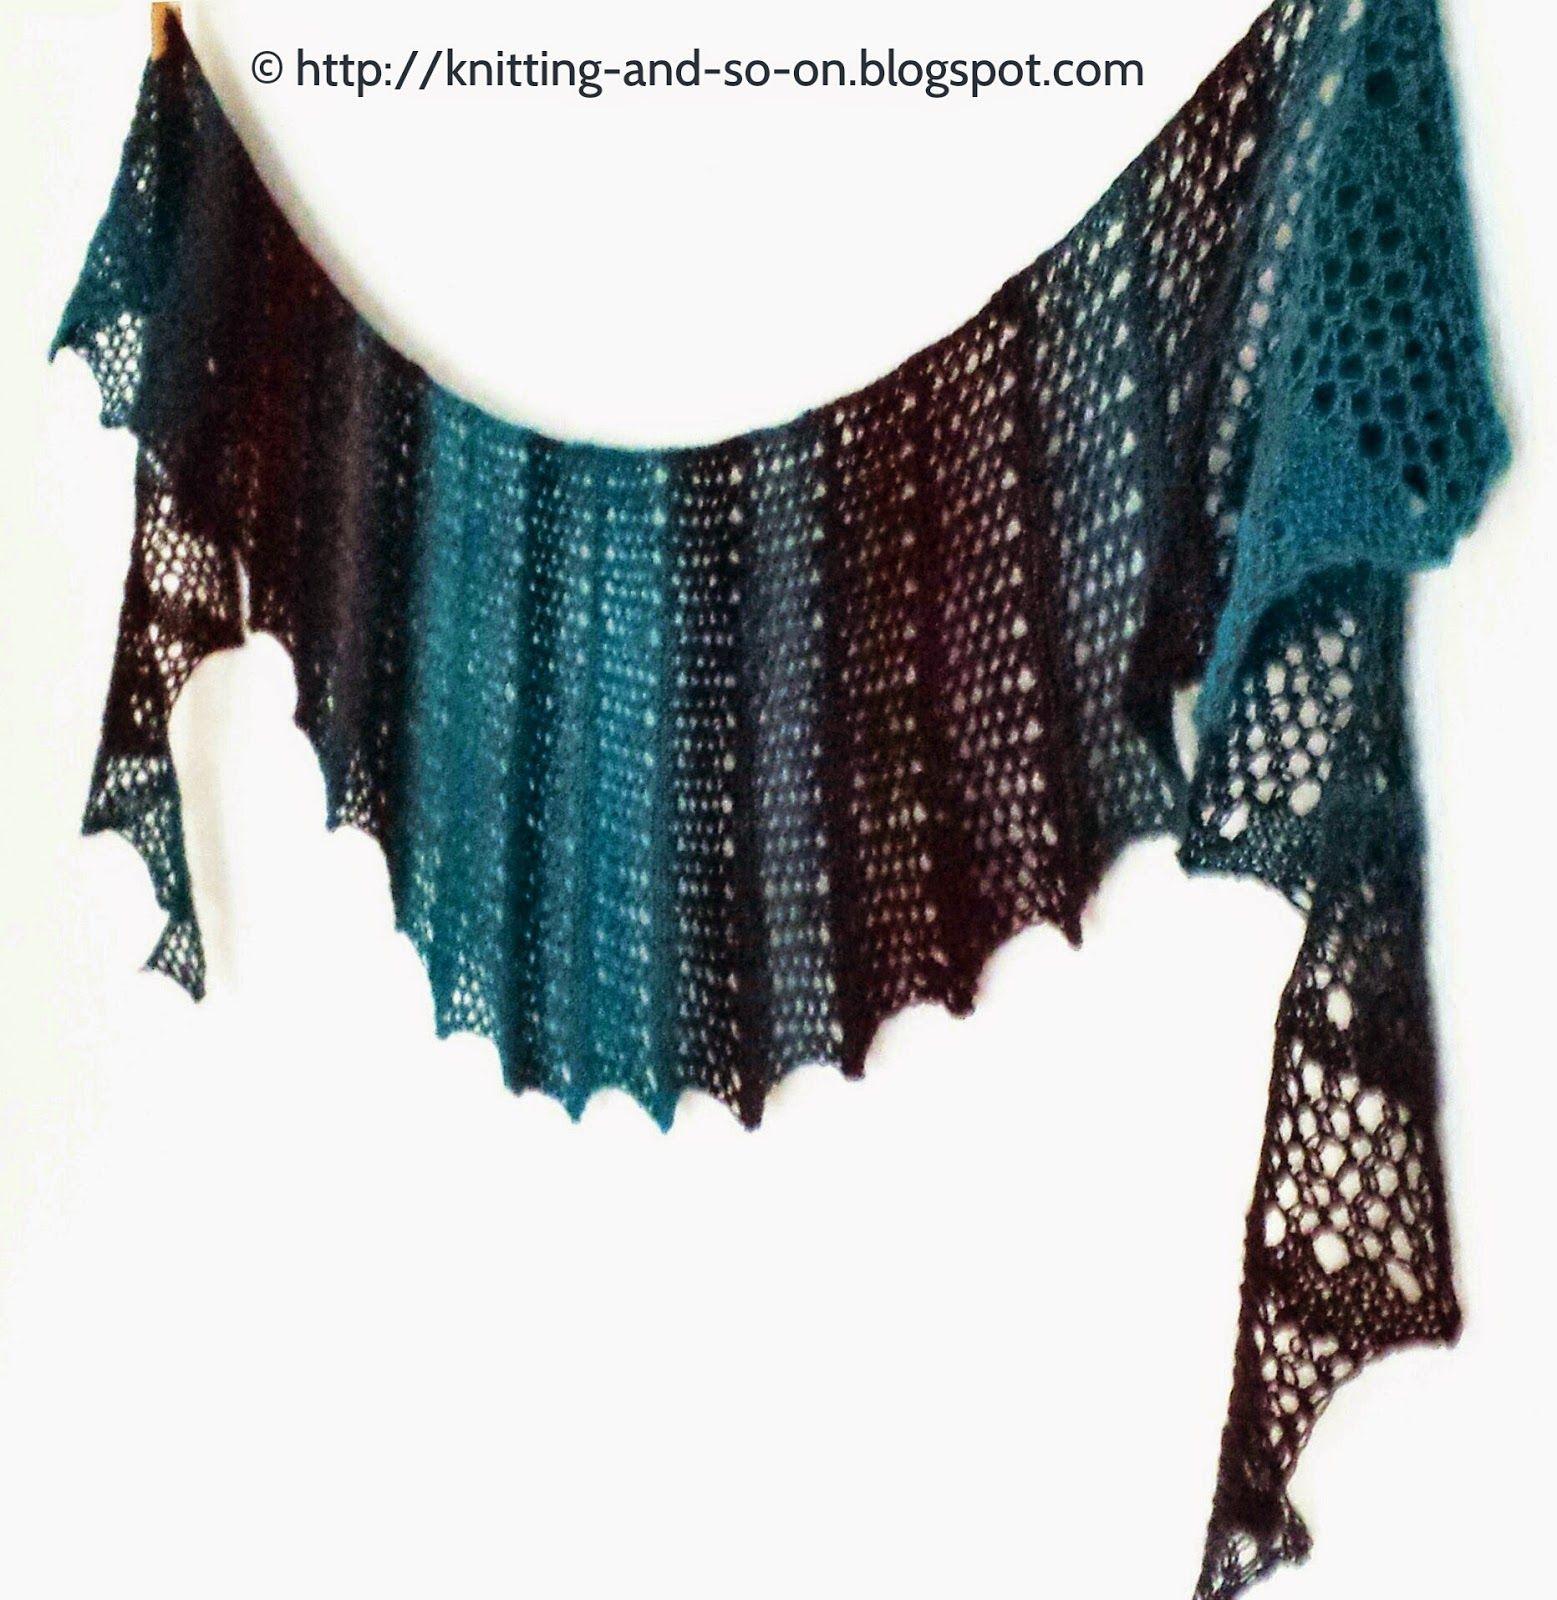 Free knitting pattern seifenblasen lace scarf free pattern 35 mm free knitting pattern seifenblasen lace scarf free pattern 35 mm needles straight or circular bankloansurffo Gallery